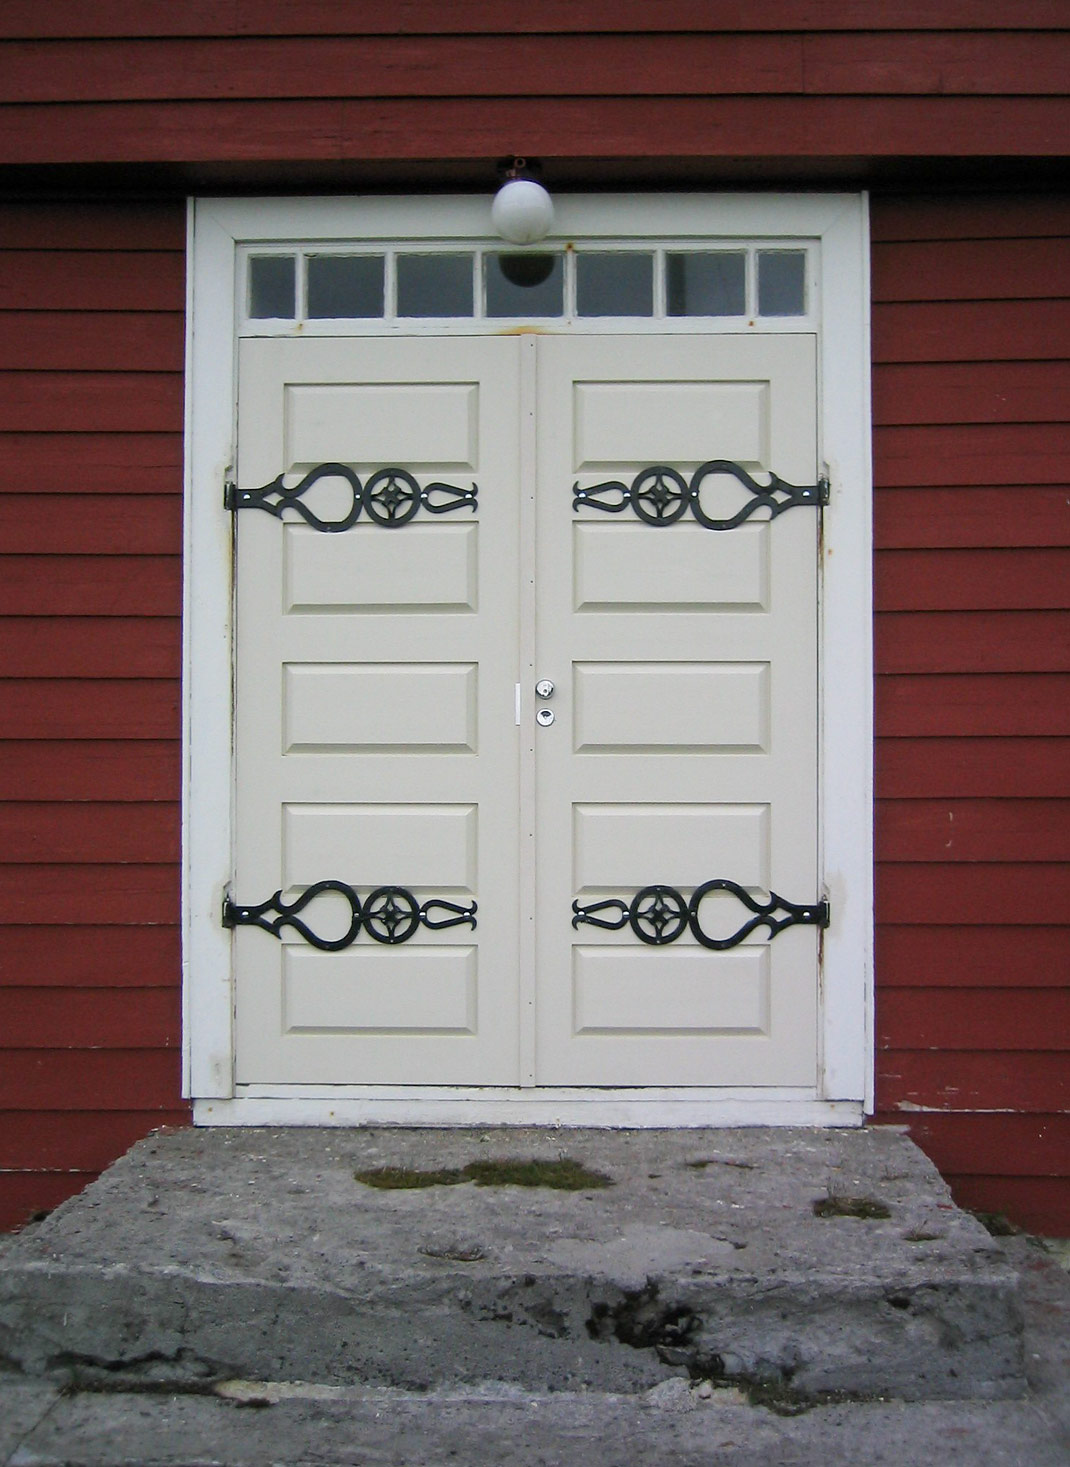 Hamninbergin kirkon ovi - Sutela